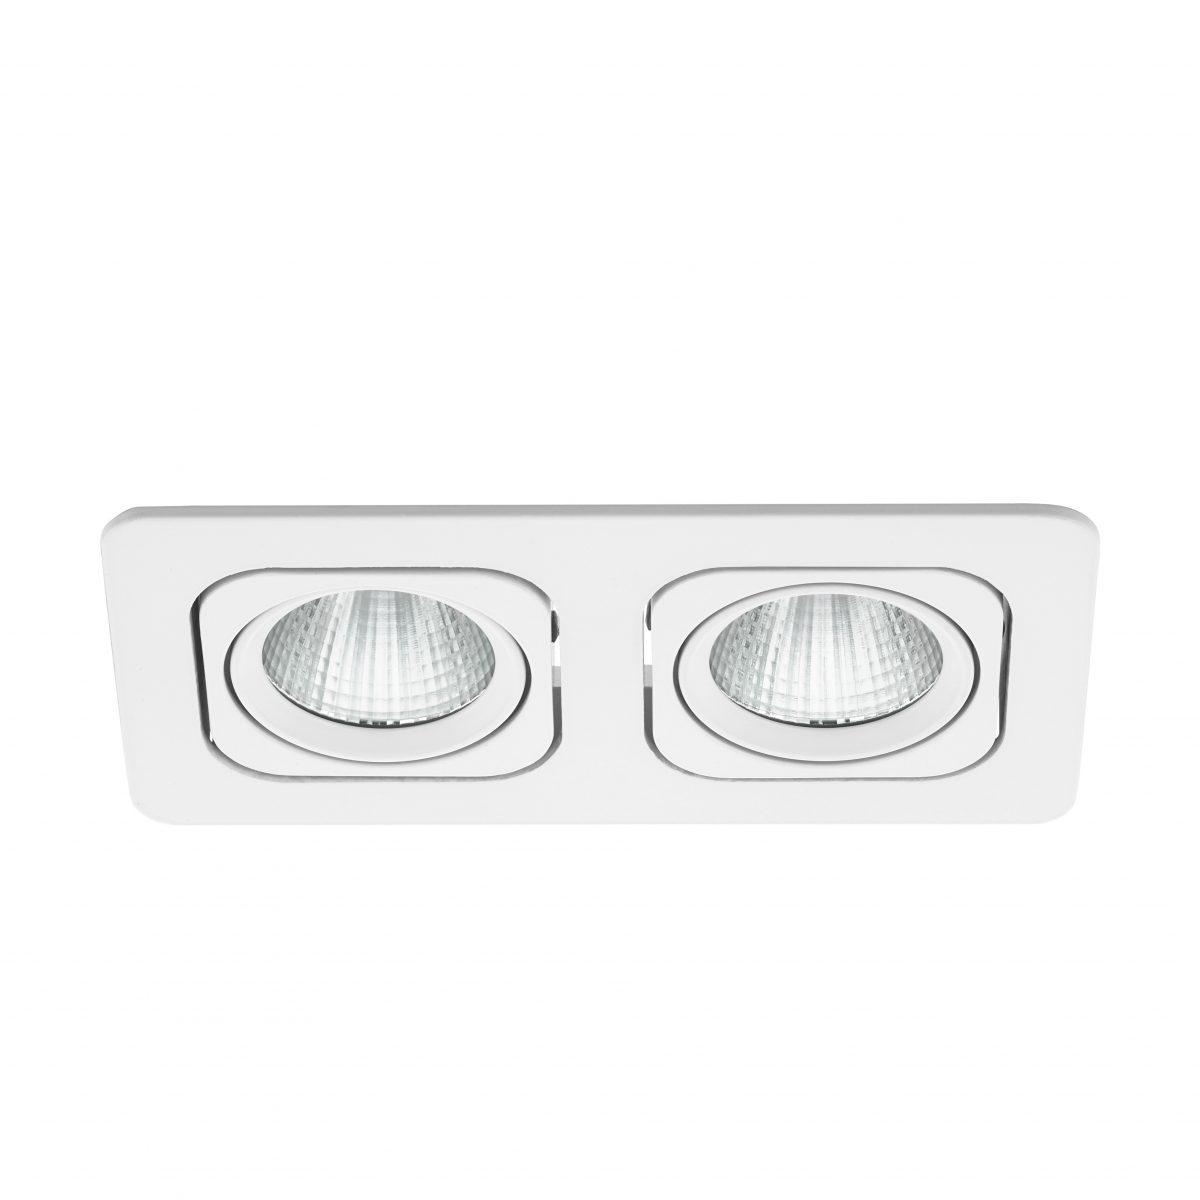 Светильник настенно-потолочный VASCELLO/PROFESSION EGLO 61642 - Фото №28